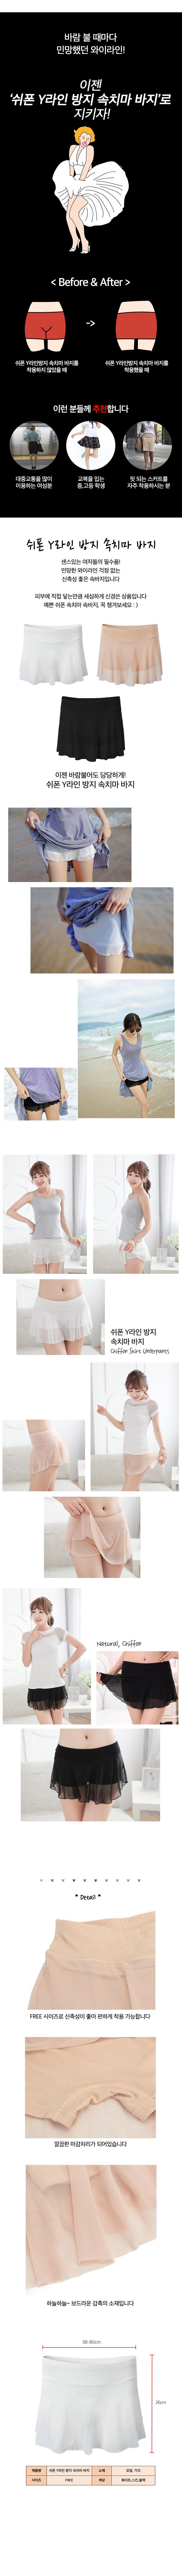 쉬폰 Y라인 방지 여름 속치마바지 - 갓샵, 4,900원, 여성 이너웨어, 팬티